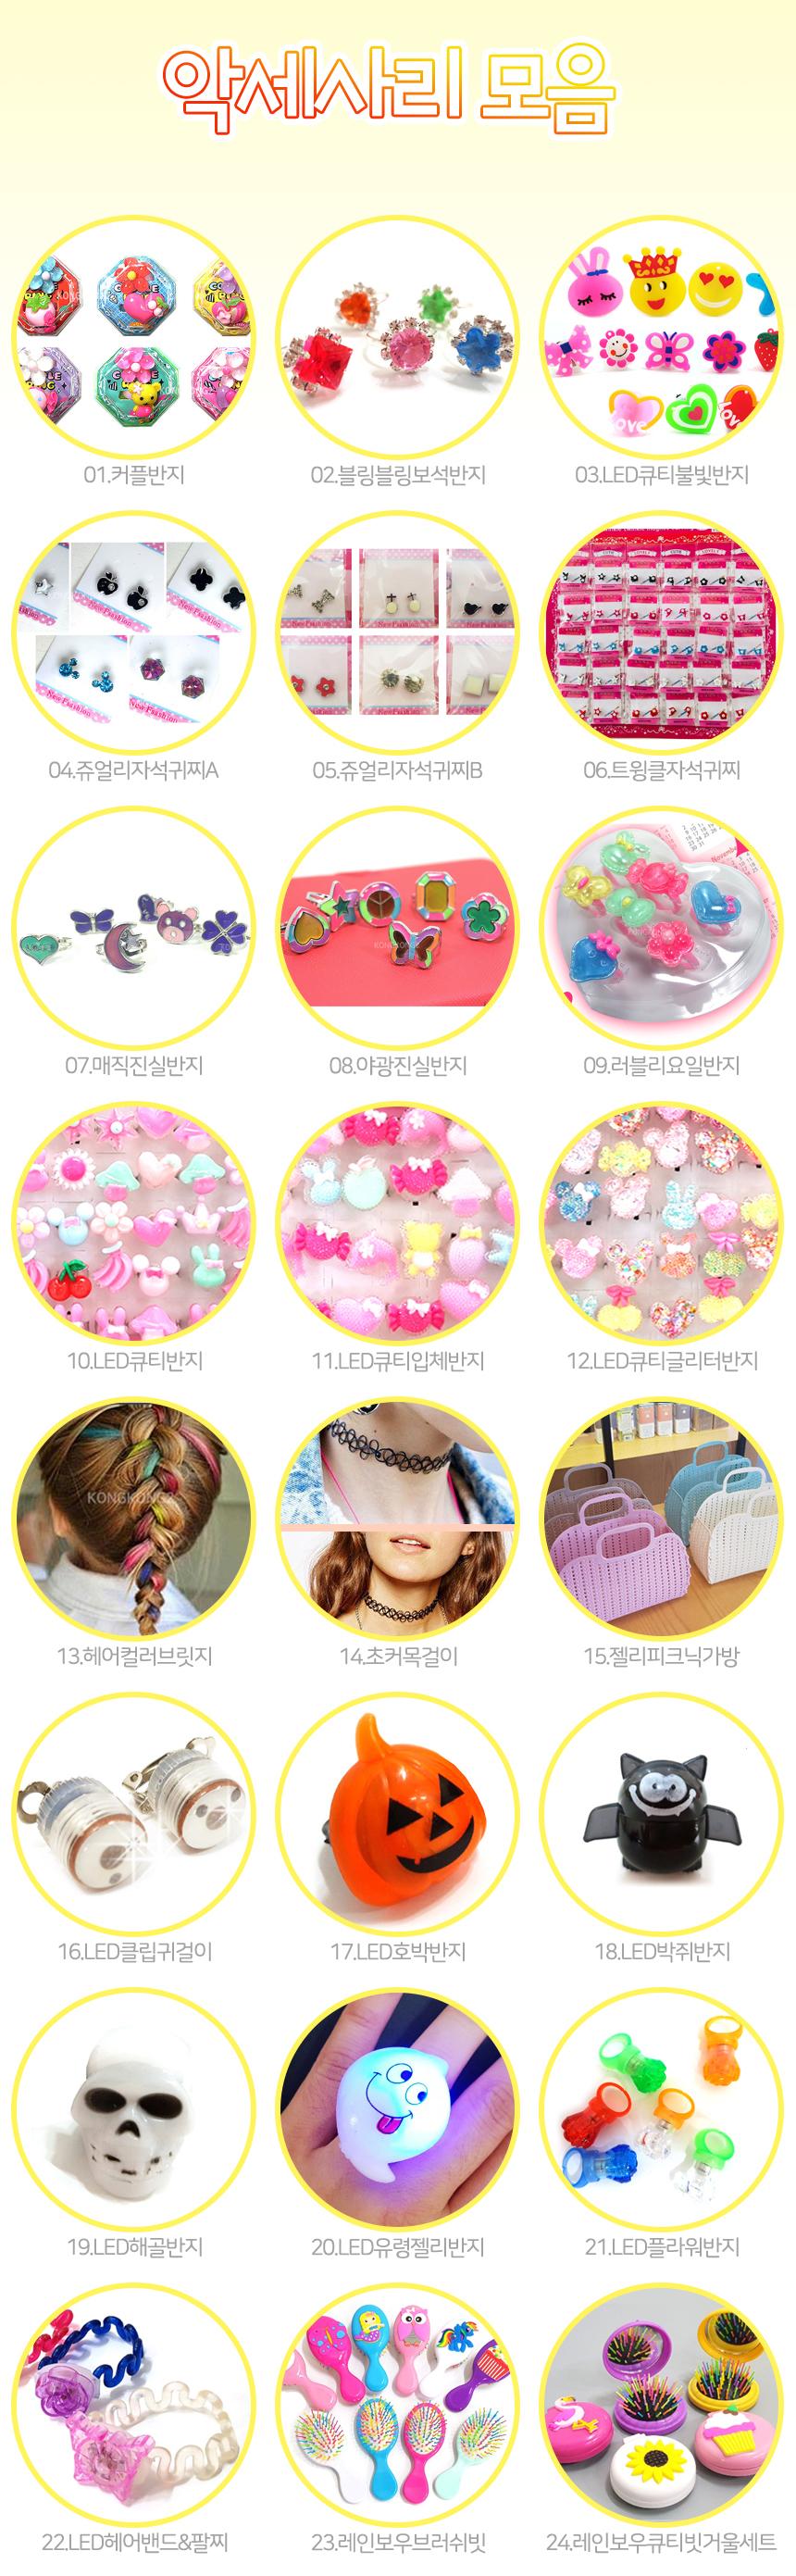 accessories_00.jpg